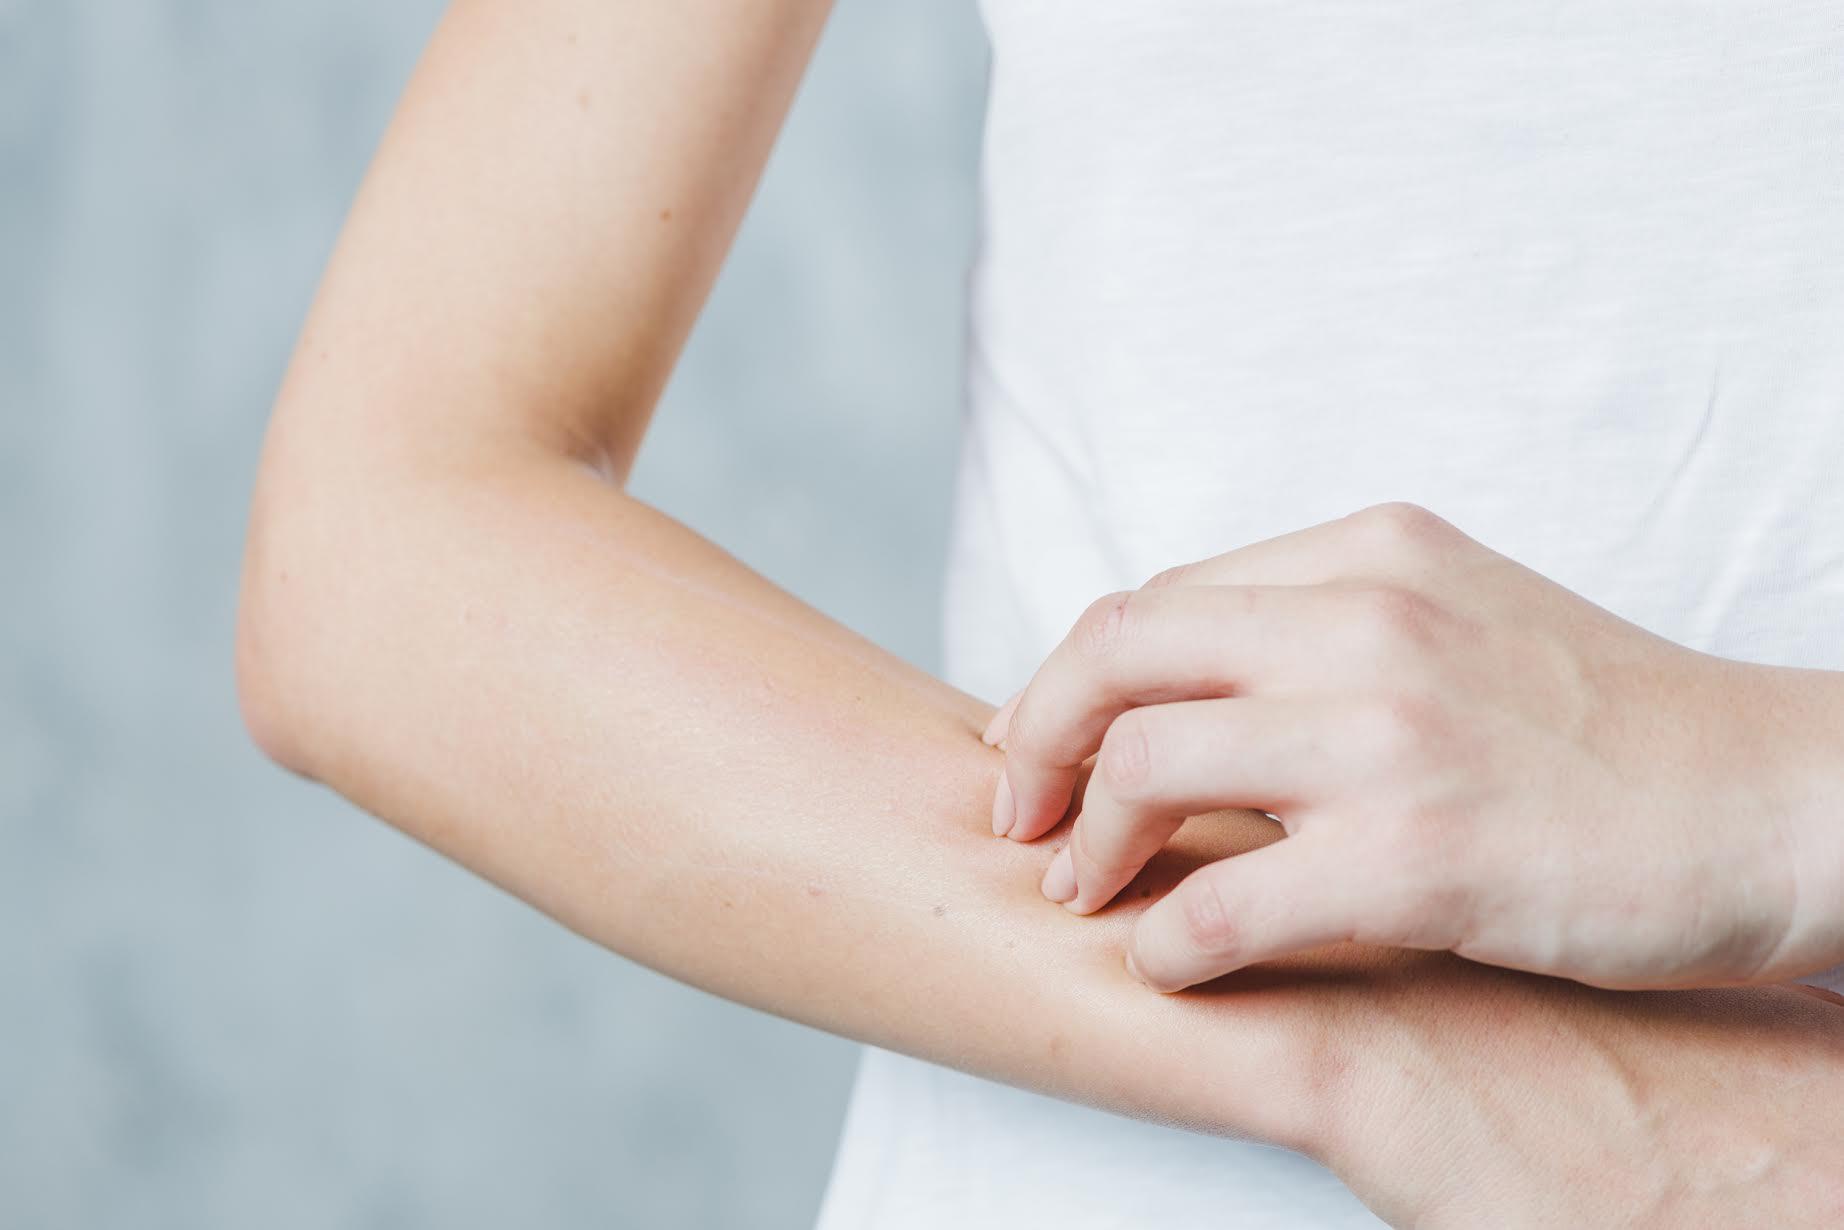 ¿Cómo puedes detectar síntomas de alerta en tu piel?